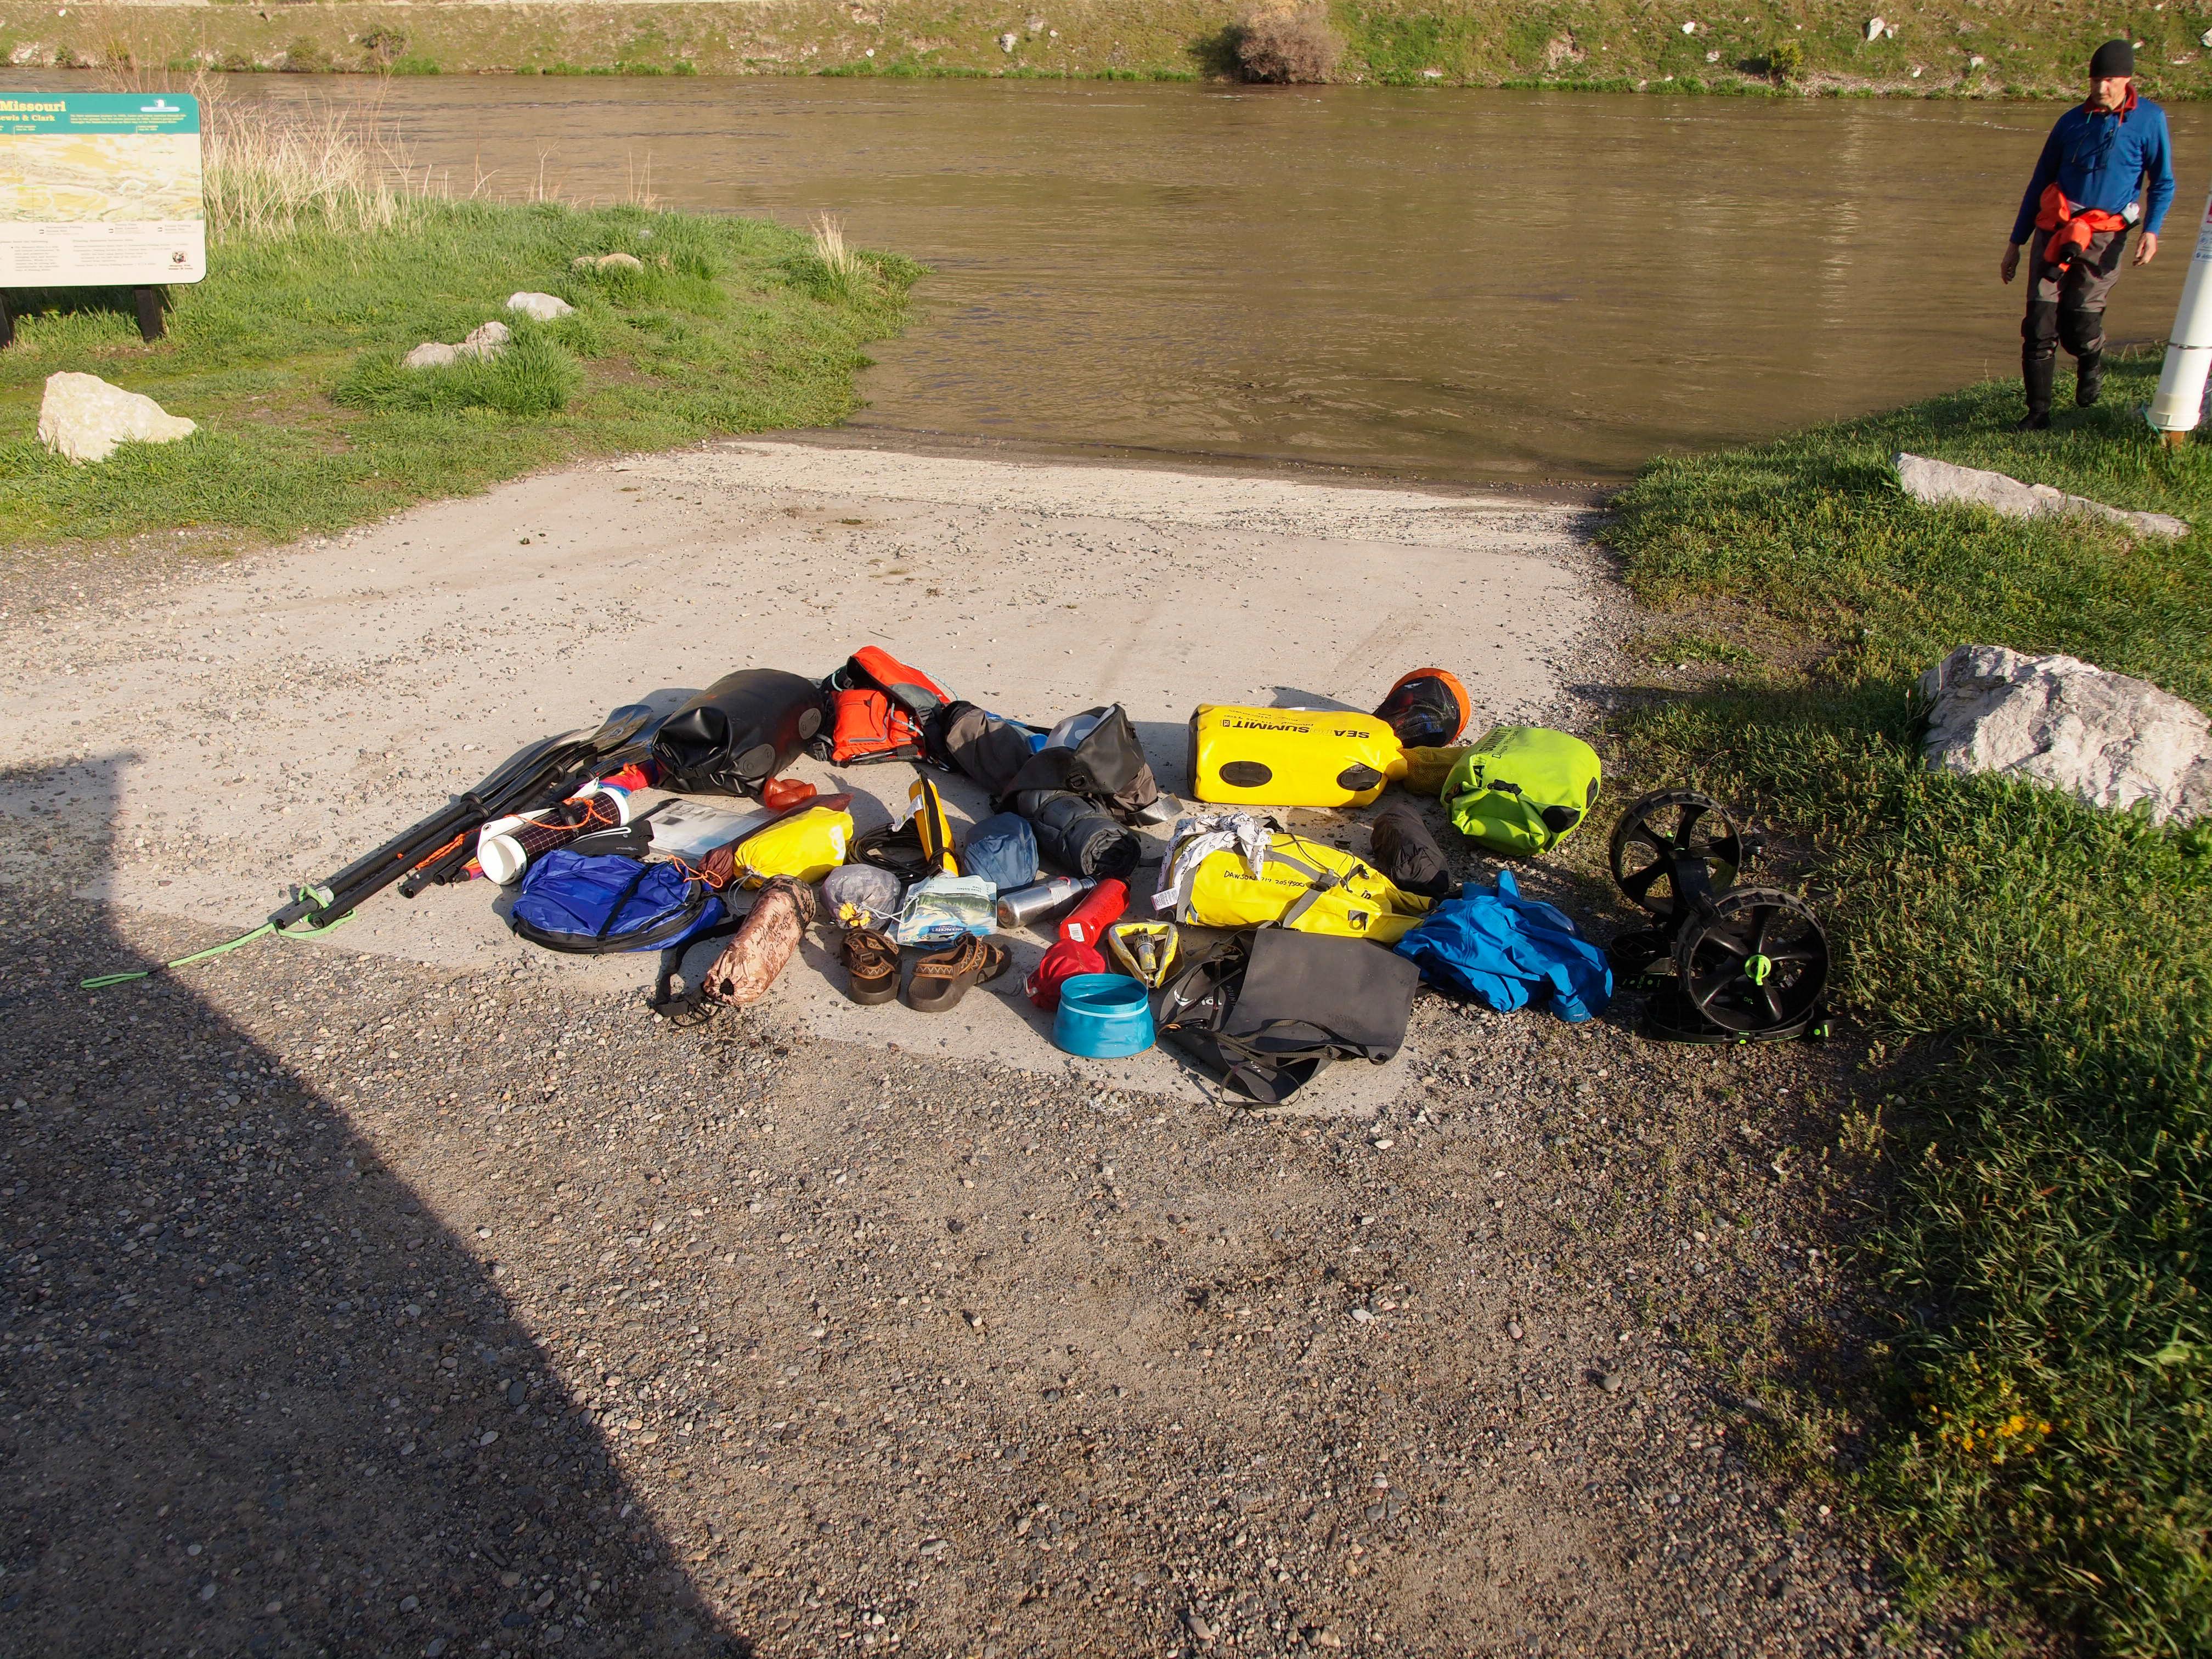 Colorado Man to Kayak River from Montana to Missouri